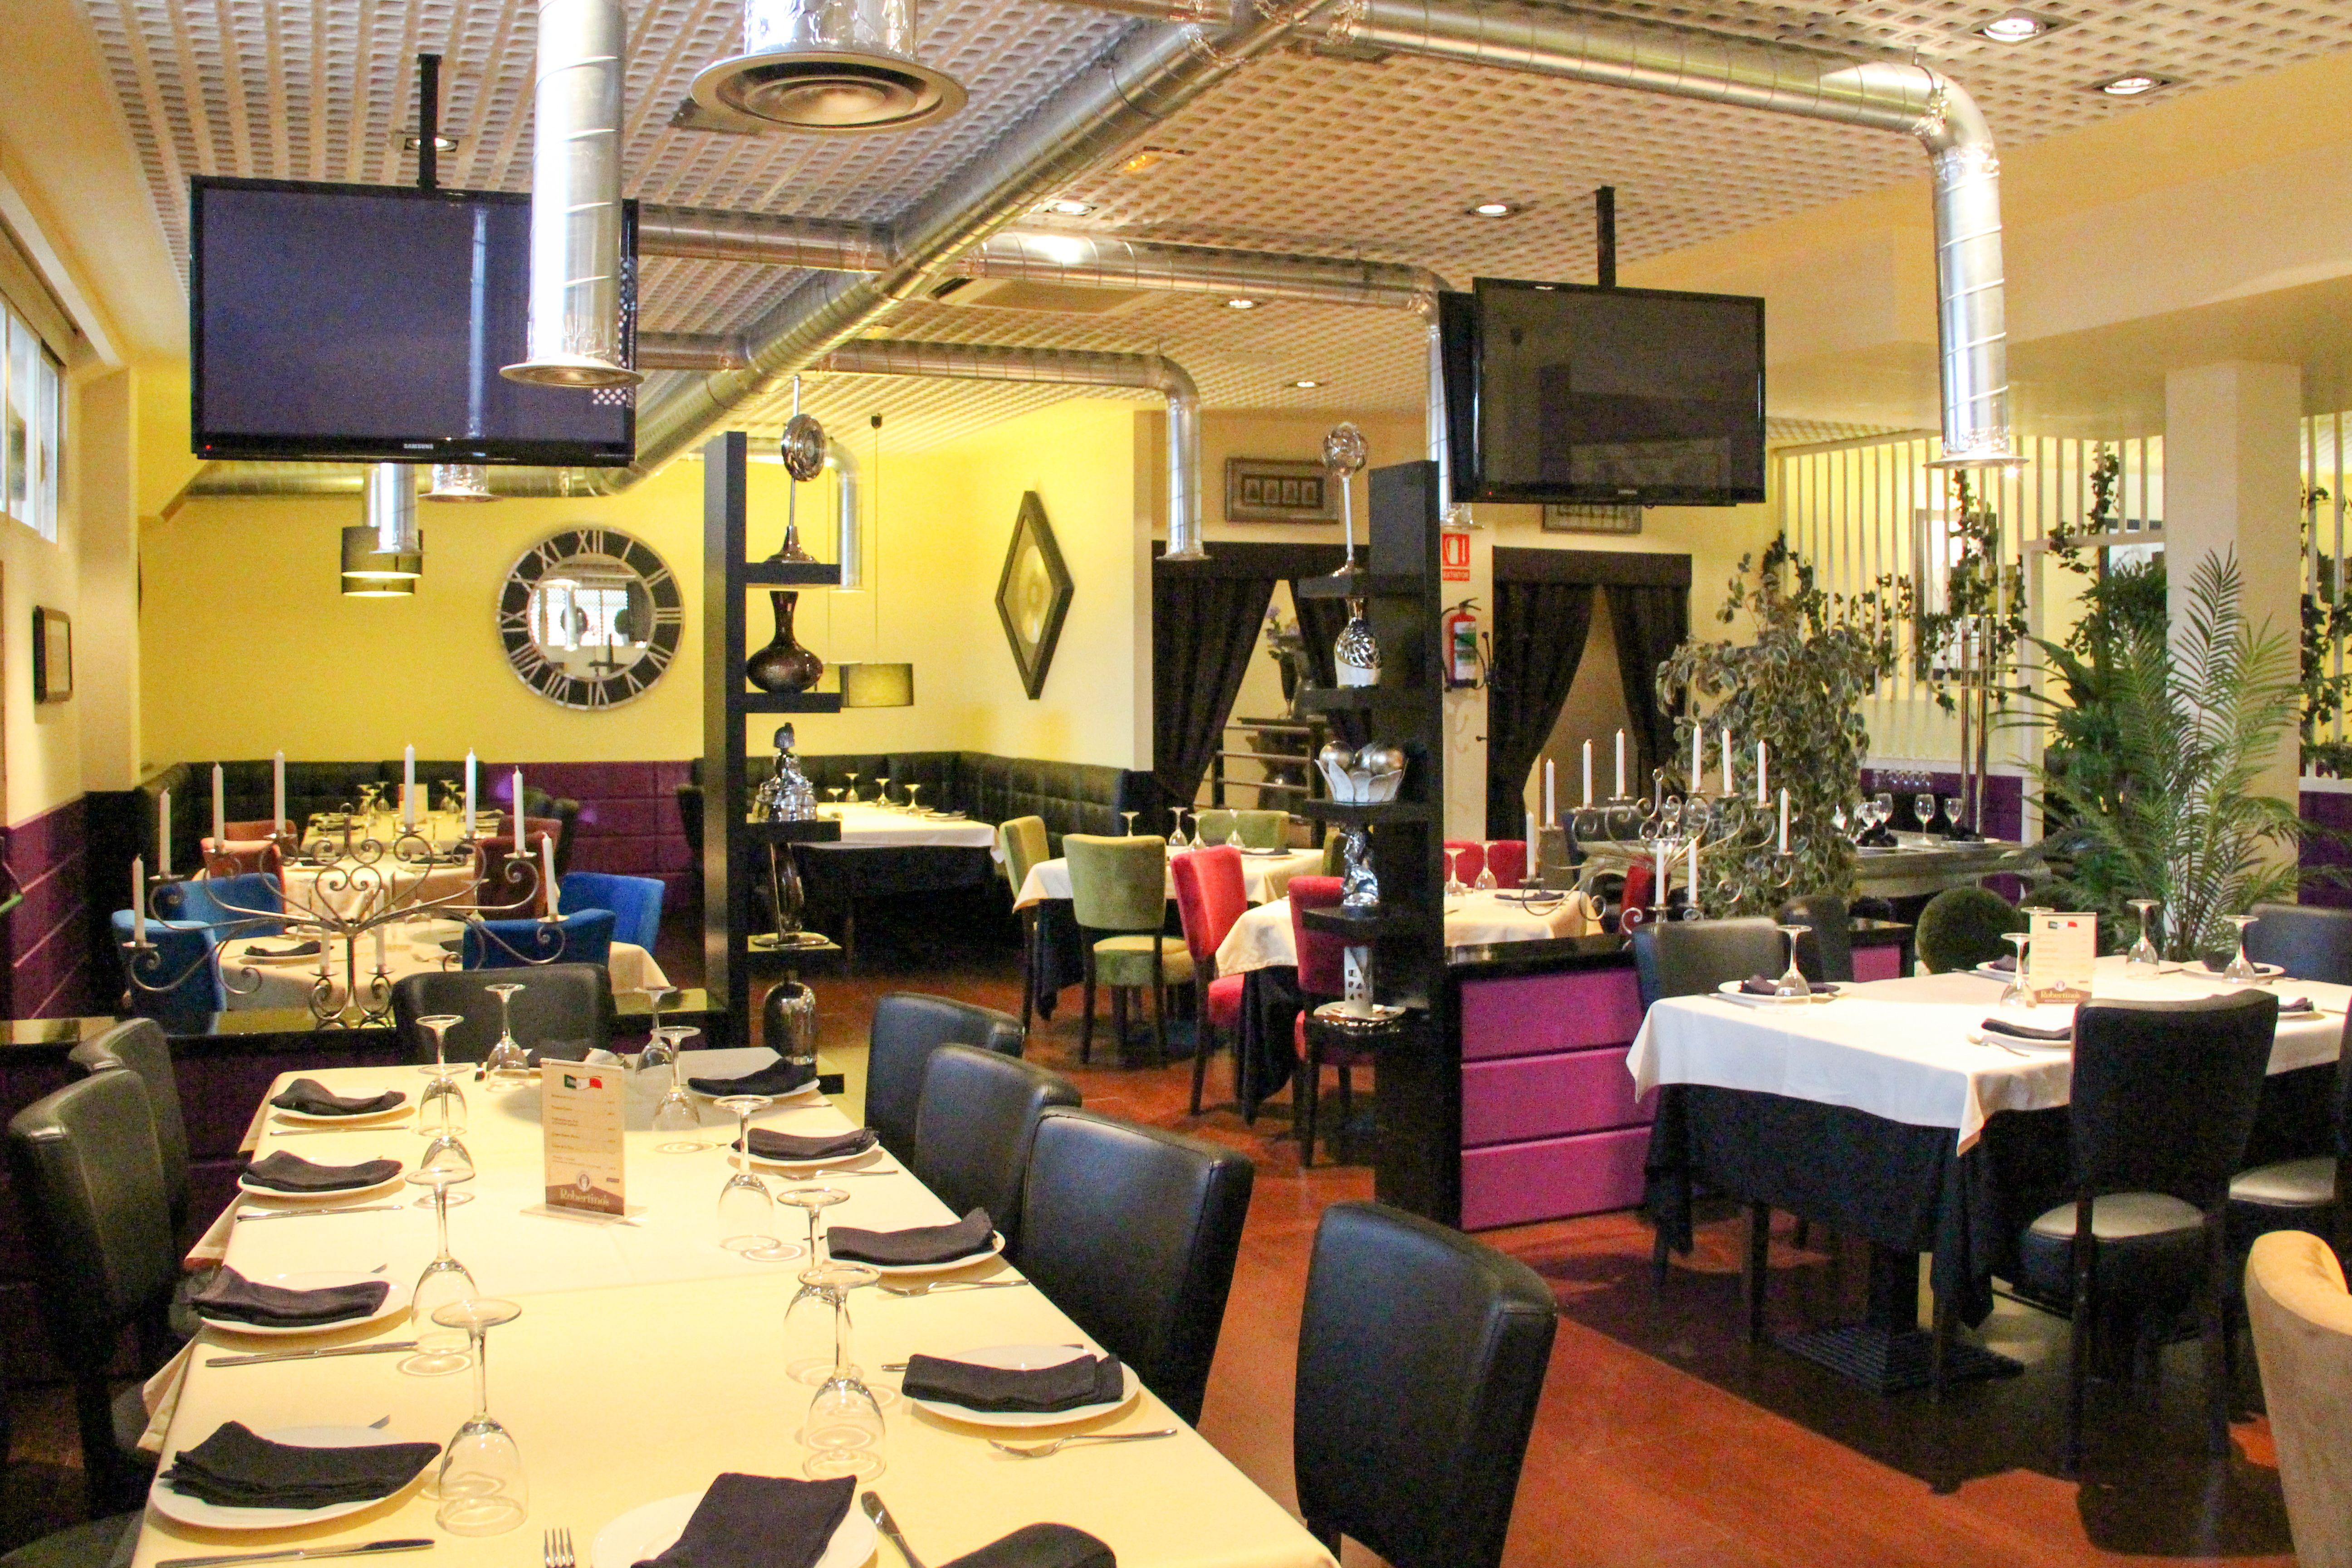 Foto 48 de Restaurante italiano en Collado Villalba | Restaurante ...